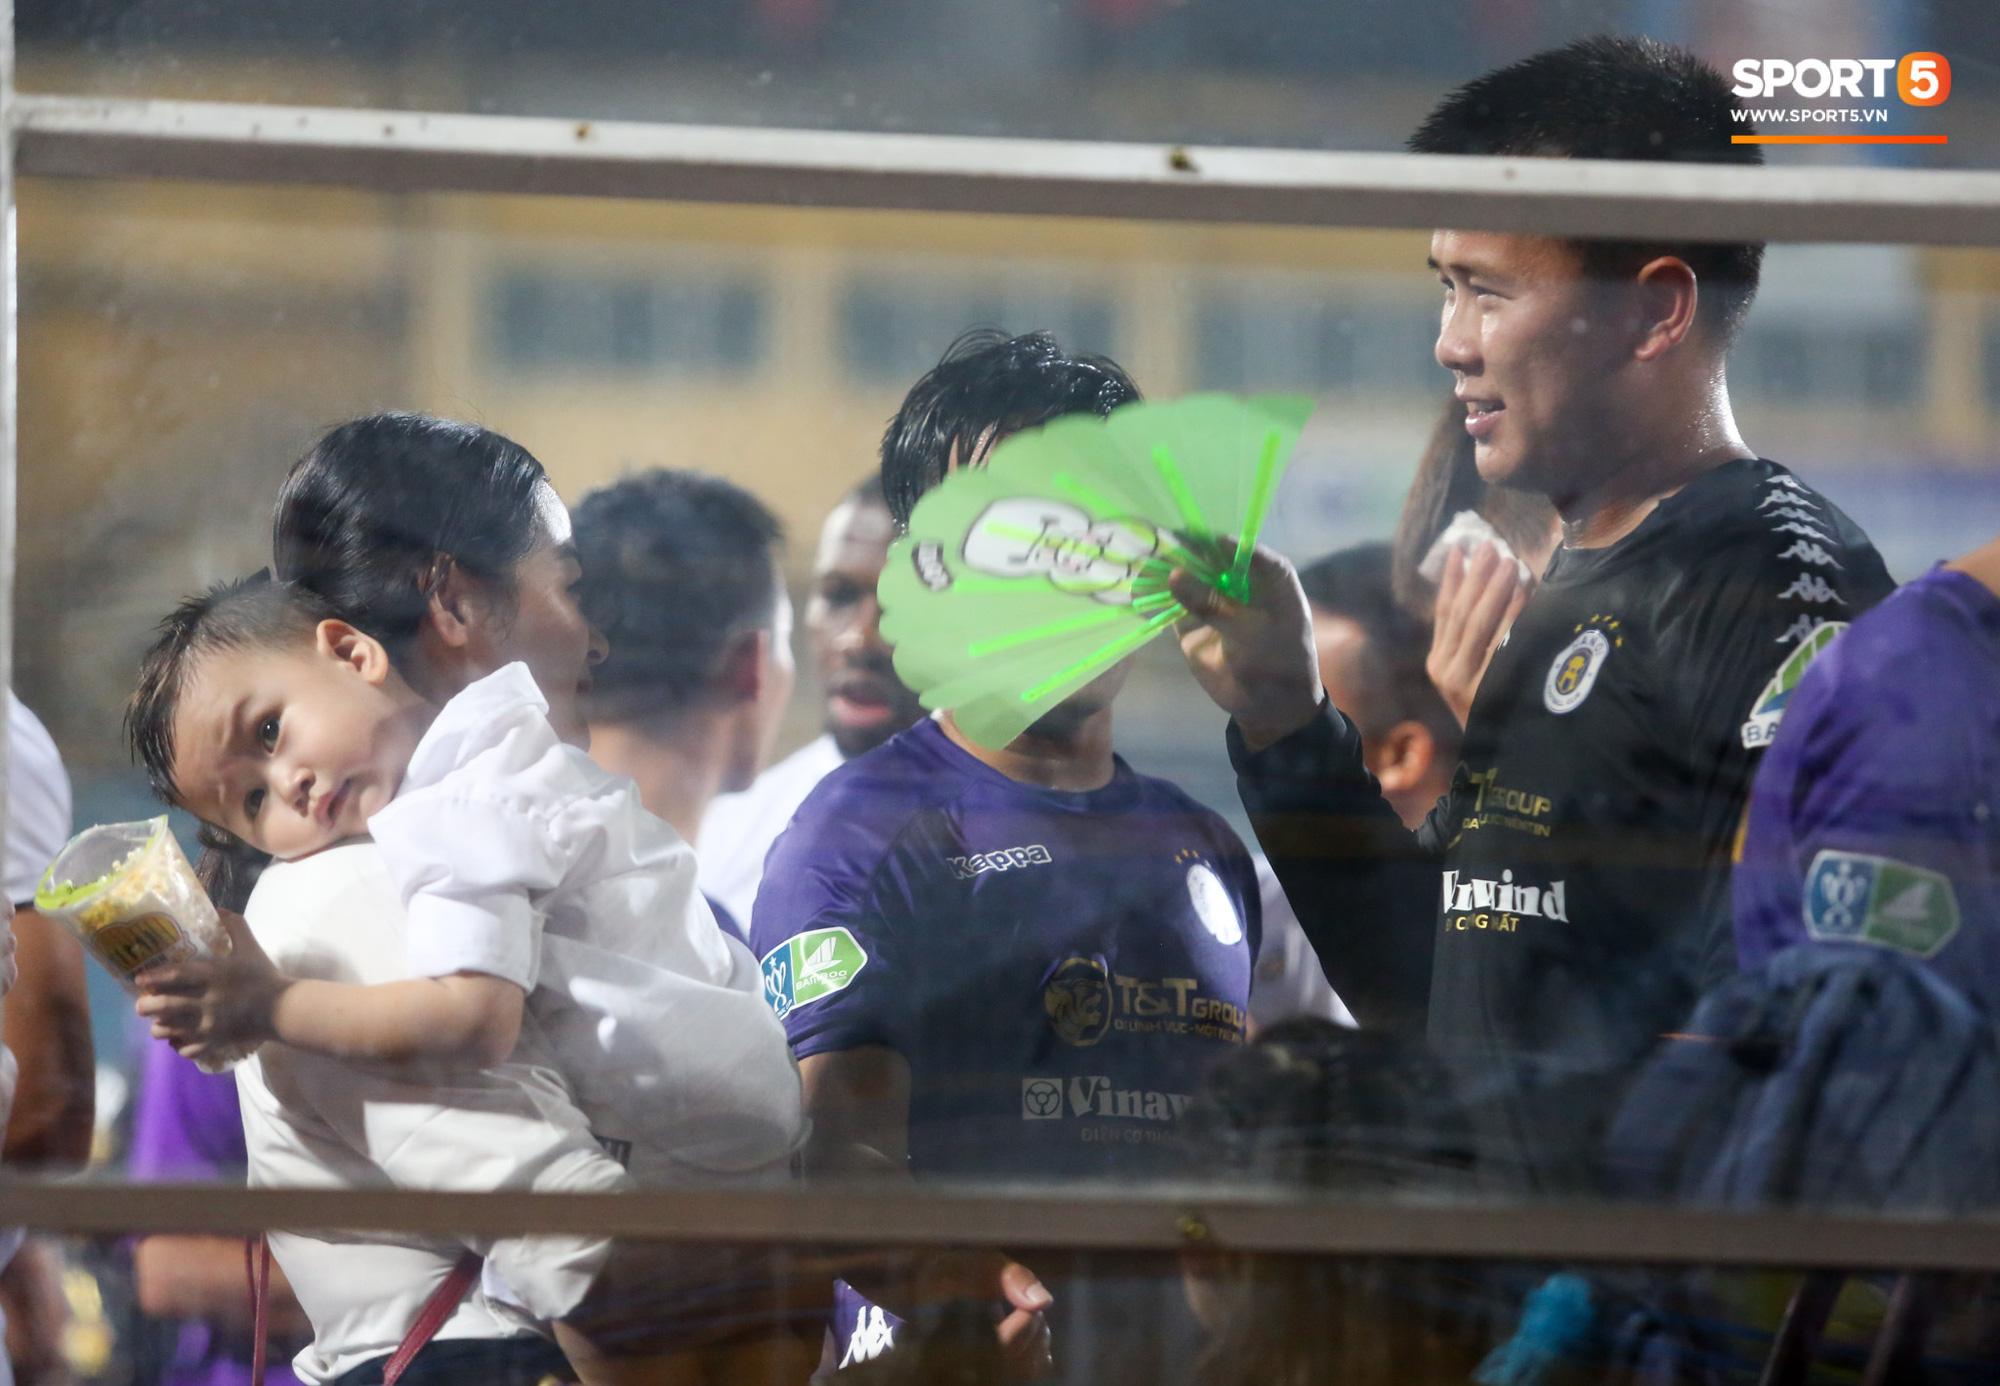 Hình ảnh đàn anh Duy Mạnh cần mẫn đứng quạt cho vợ và con gái, mặc kệ đồng đội ở Hà Nội FC ăn mừng - Ảnh 1.